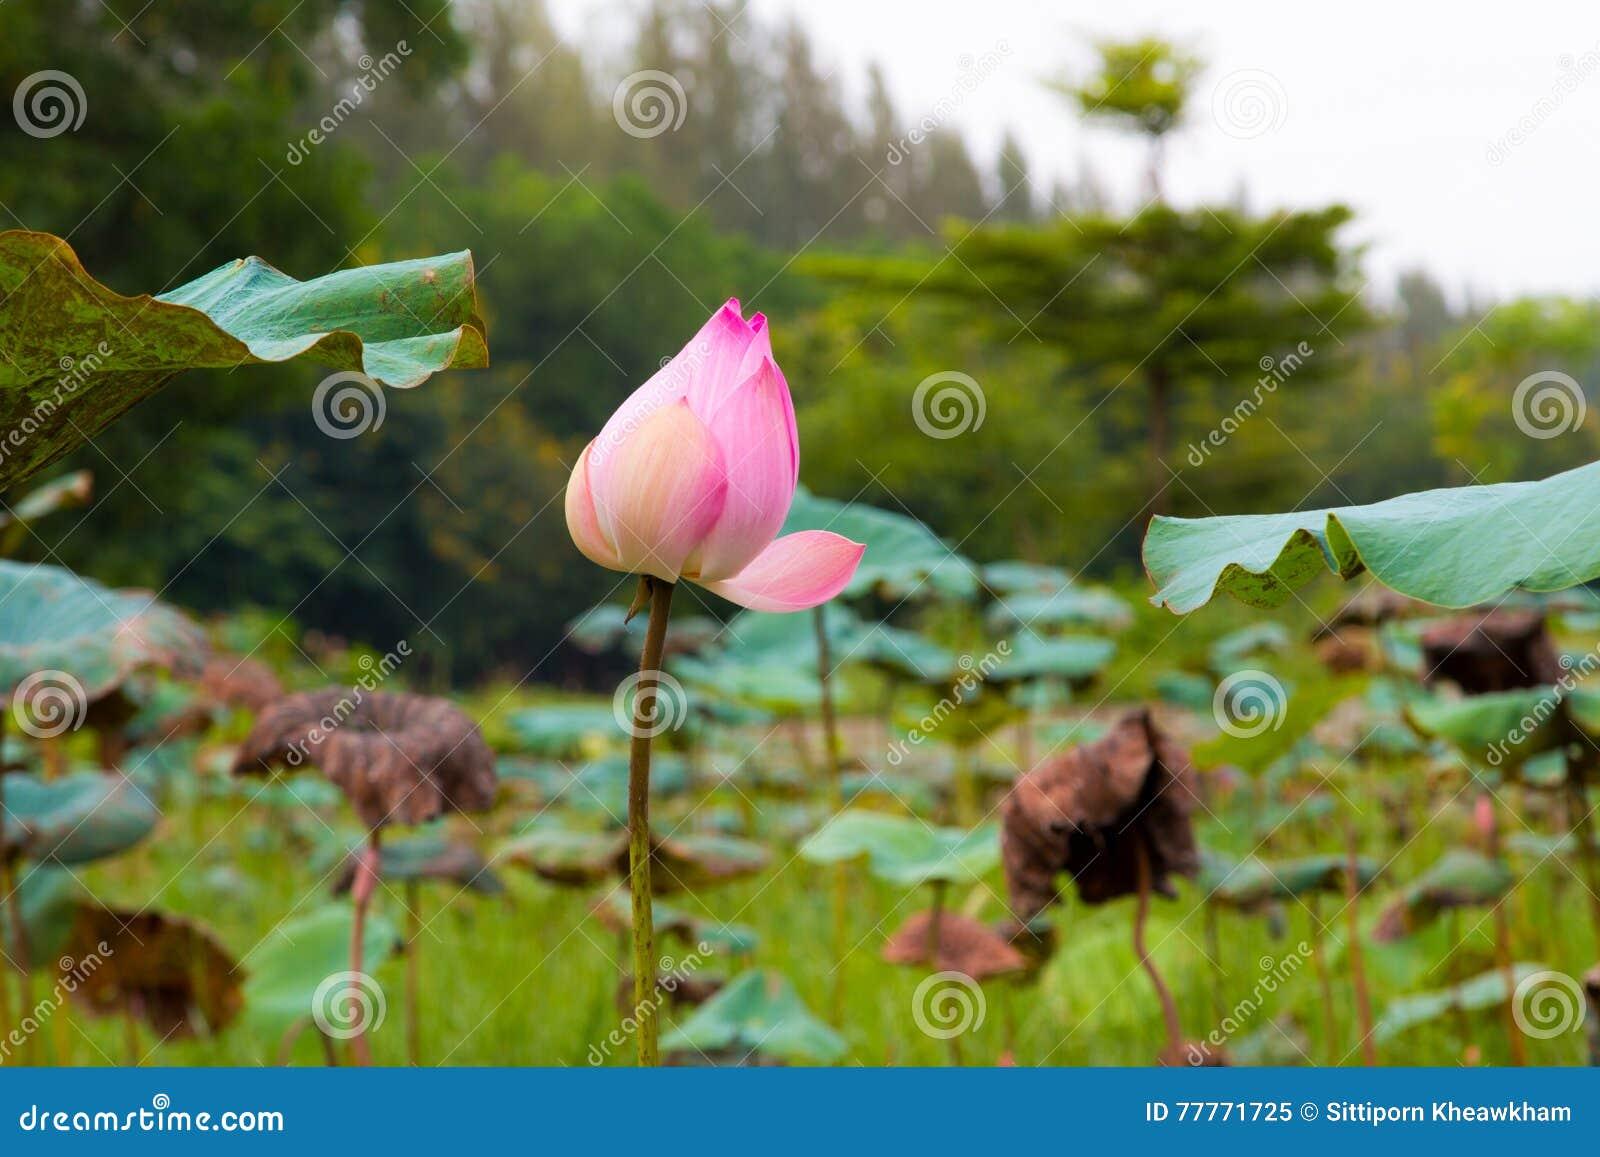 Lotus flower in pond stock illustration illustration of flowers lotus flower in pond flowers oriental izmirmasajfo